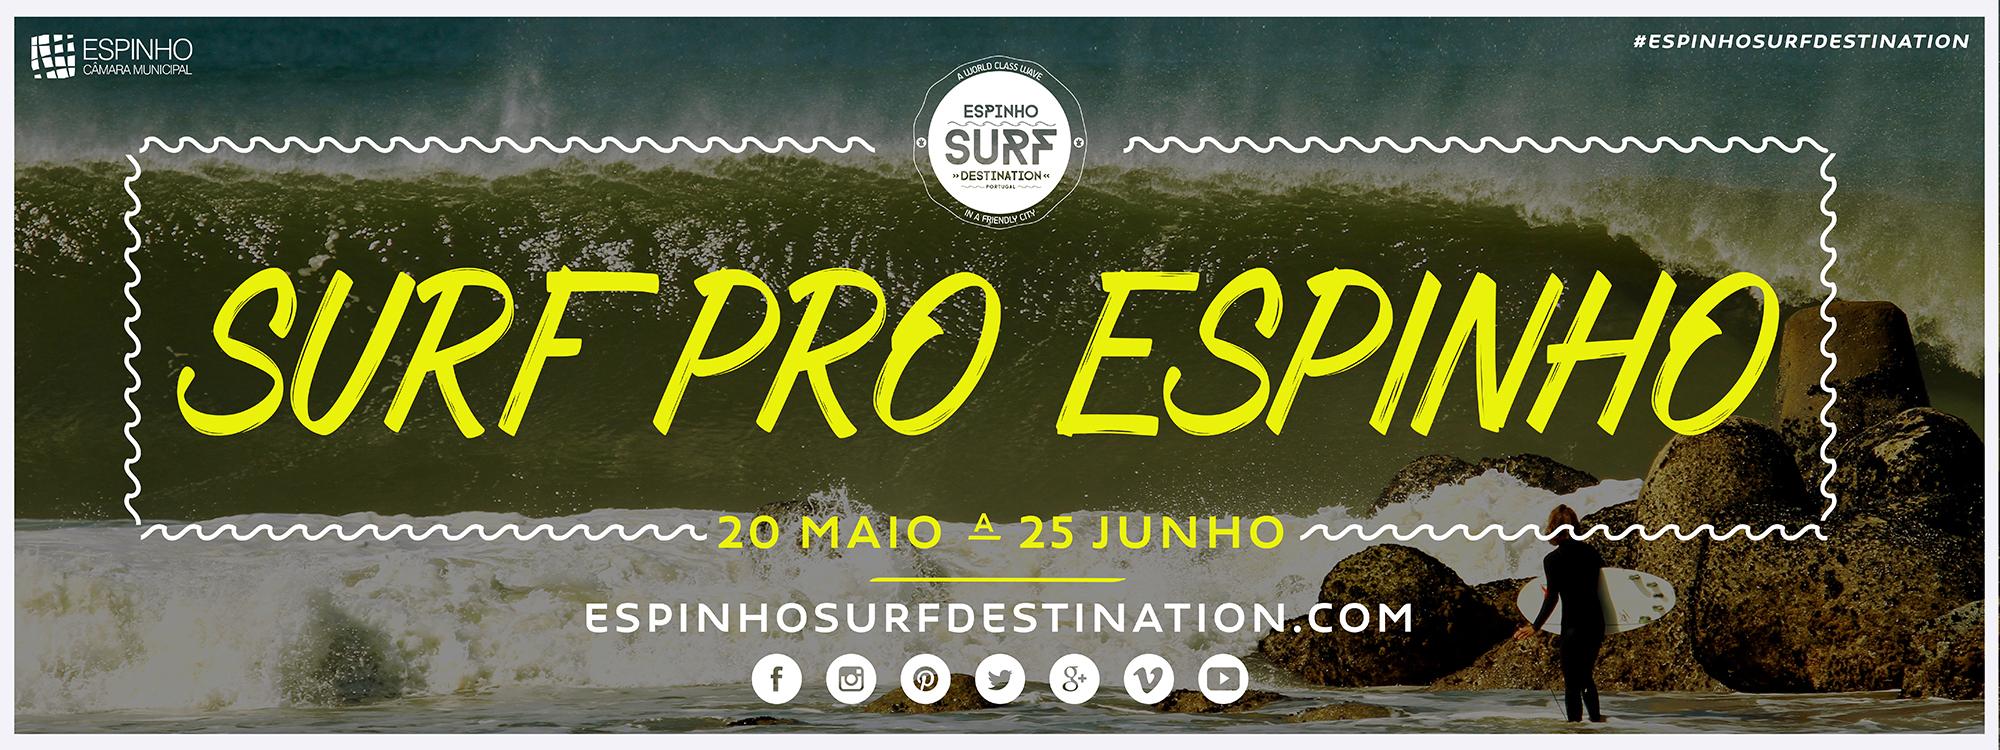 Surf Pro Espinho 2017 :: Espinho Surf Destination ::